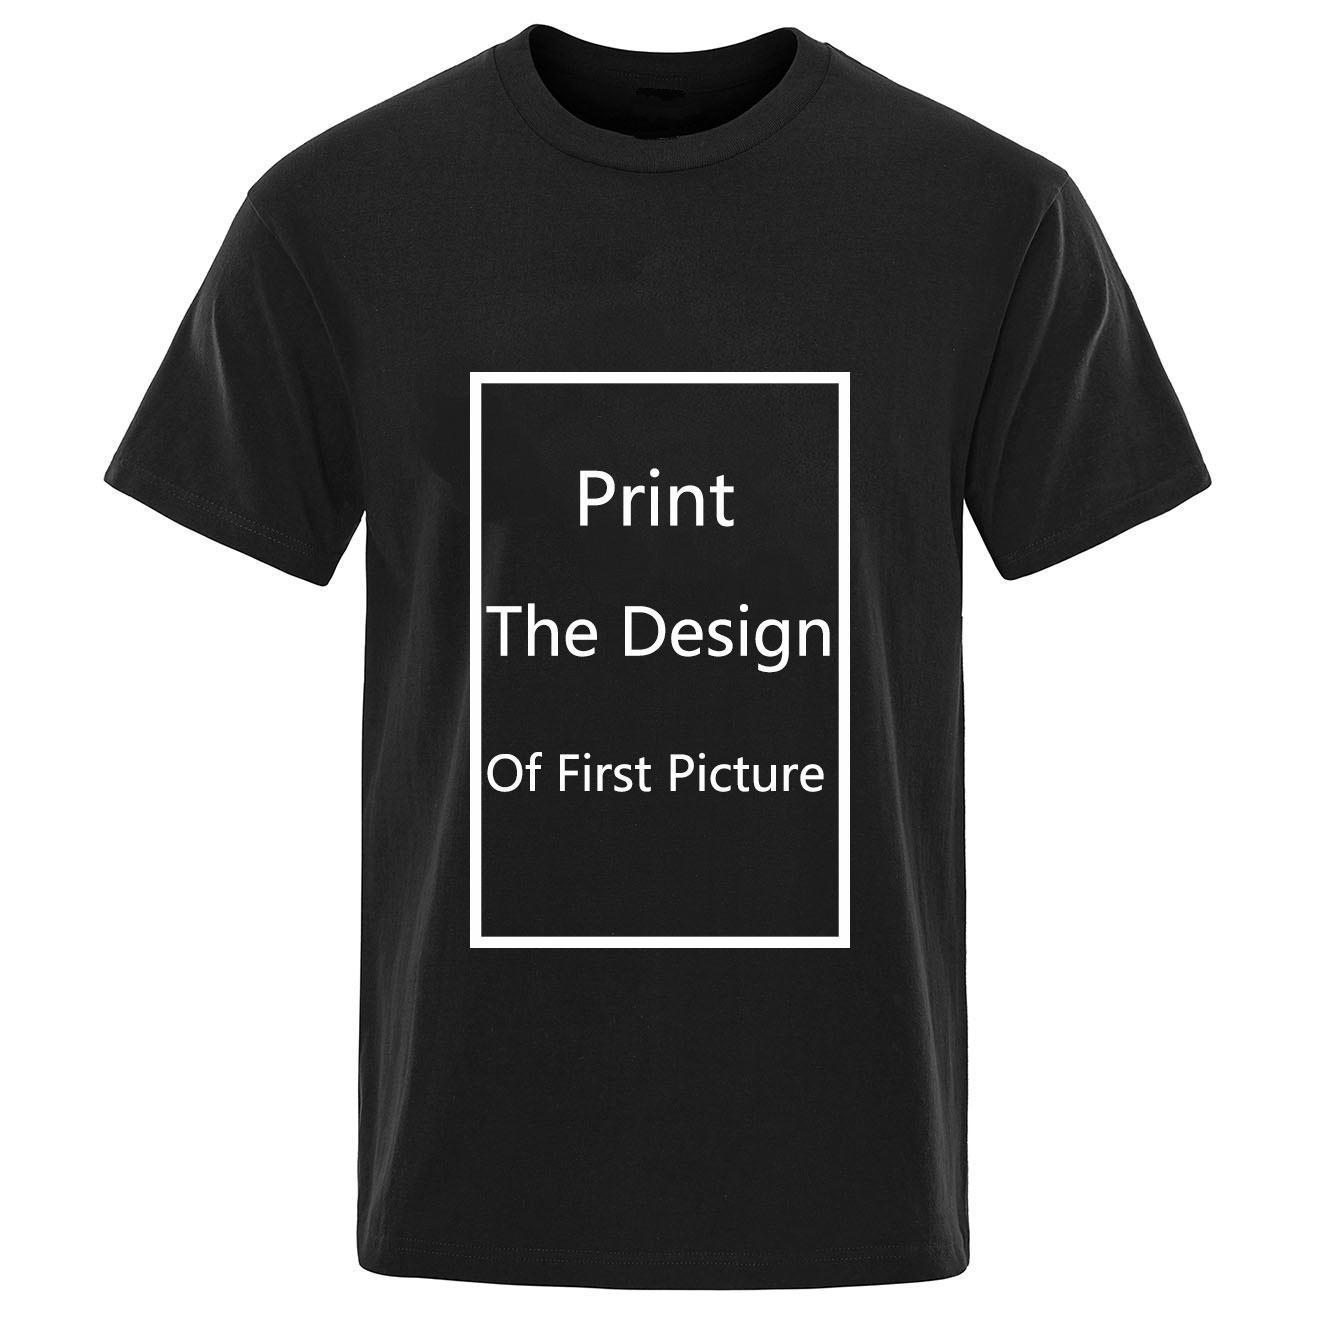 TEEHUB Hipster Homens T-shirt Tops Moda Surfing On Fire impresso camisetas de manga curta O-Neck T engraçado